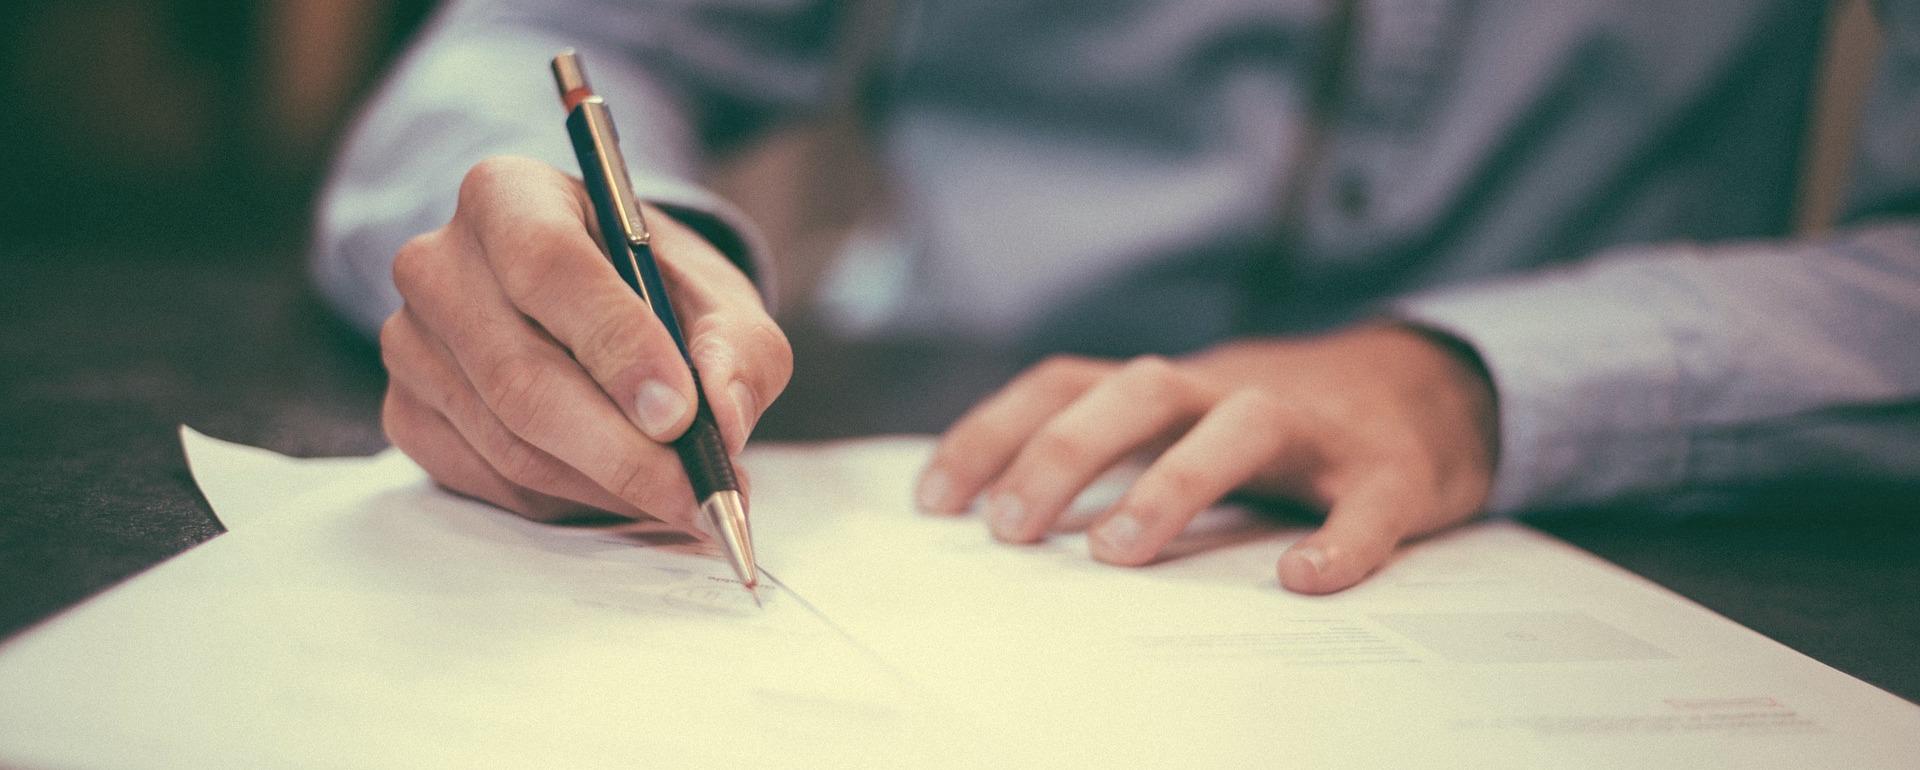 Ontslag met een vaststellingsovereenkomst